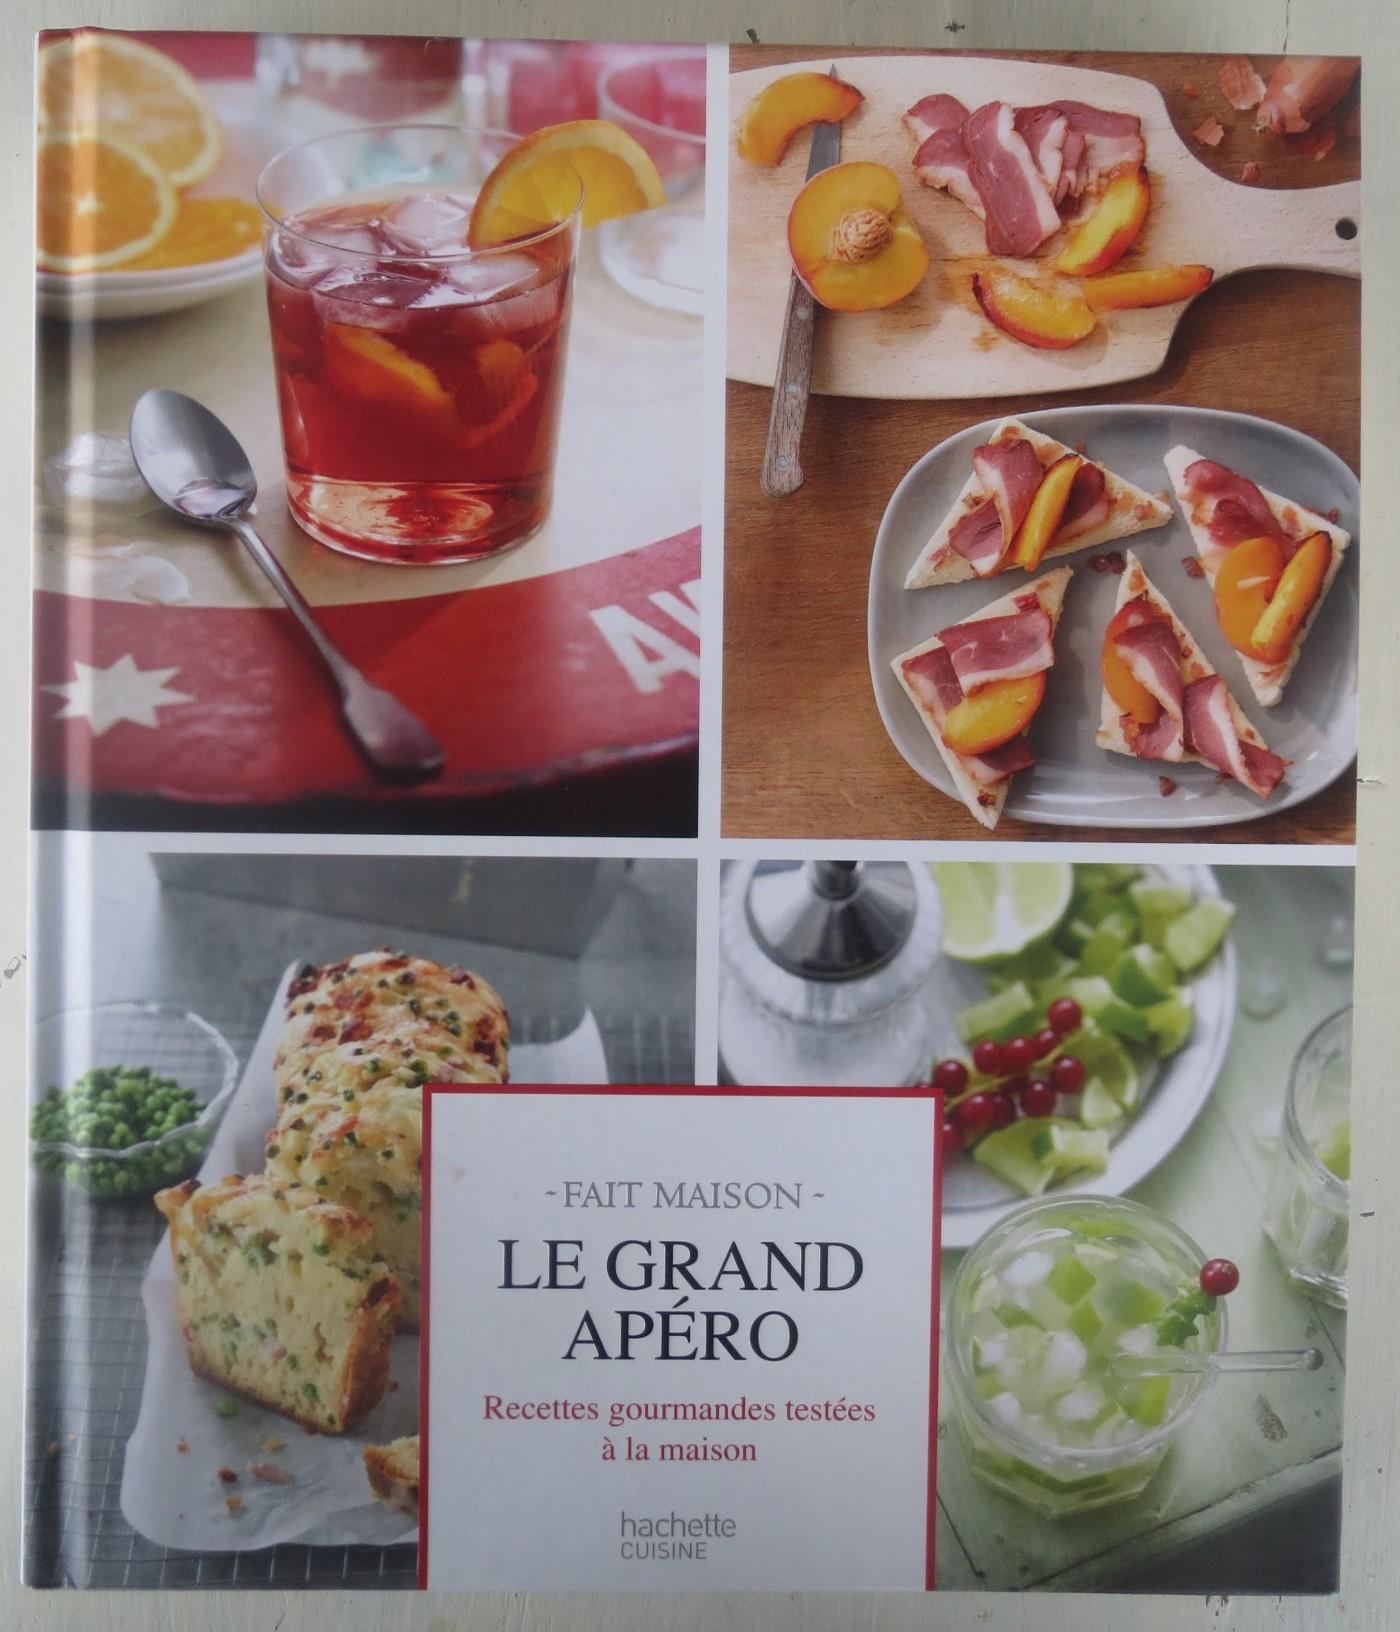 J'ai testé pour vous ... Le Grand Apéro d'Hachette Cuisine